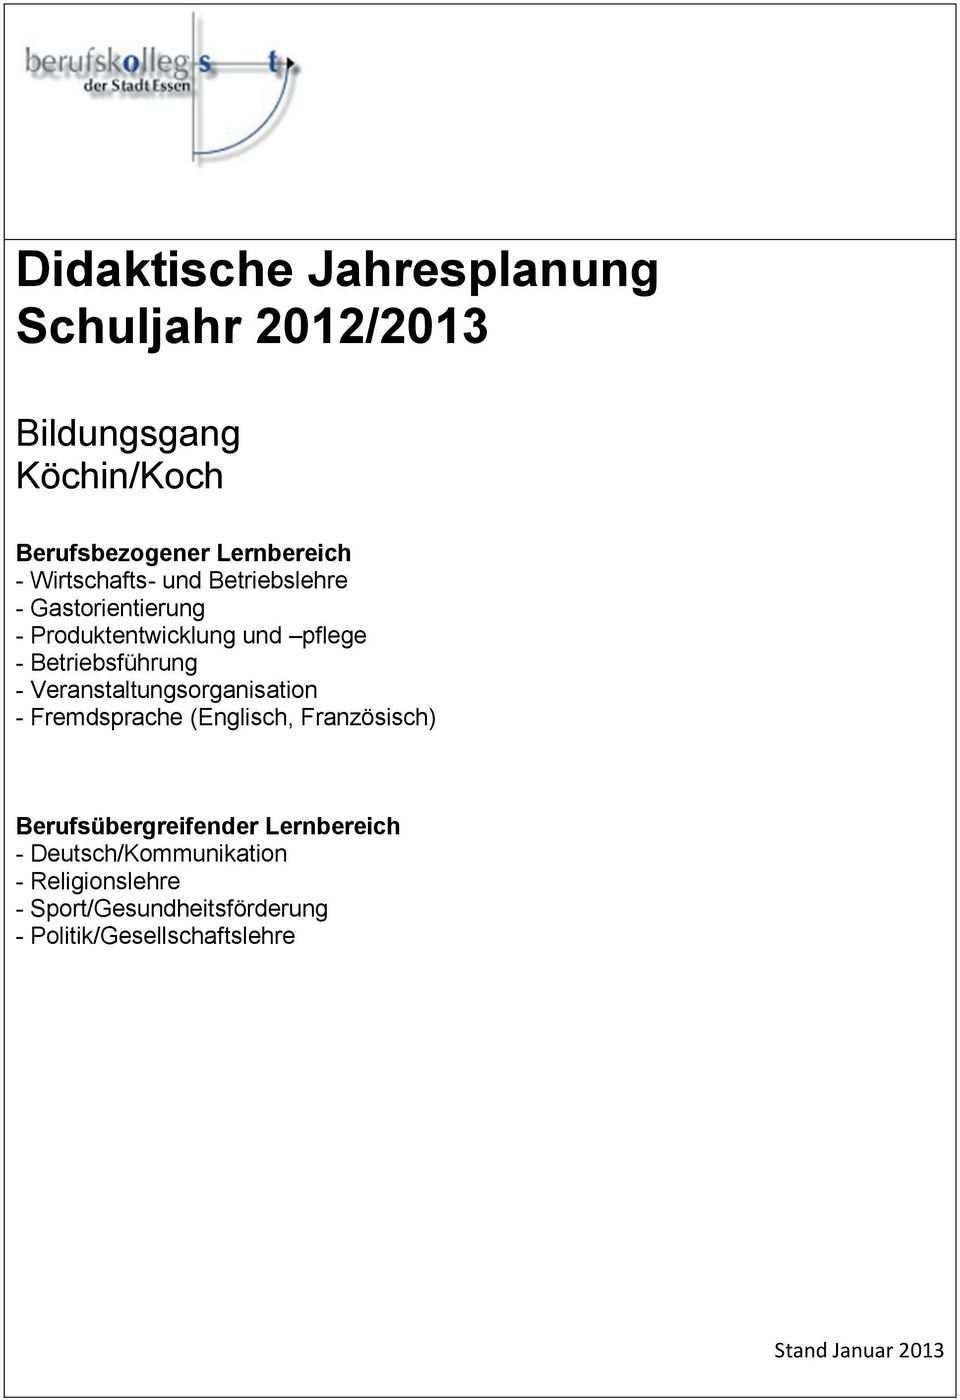 Didaktische Jahresplanung Schuljahr 2012 Pdf Free Download